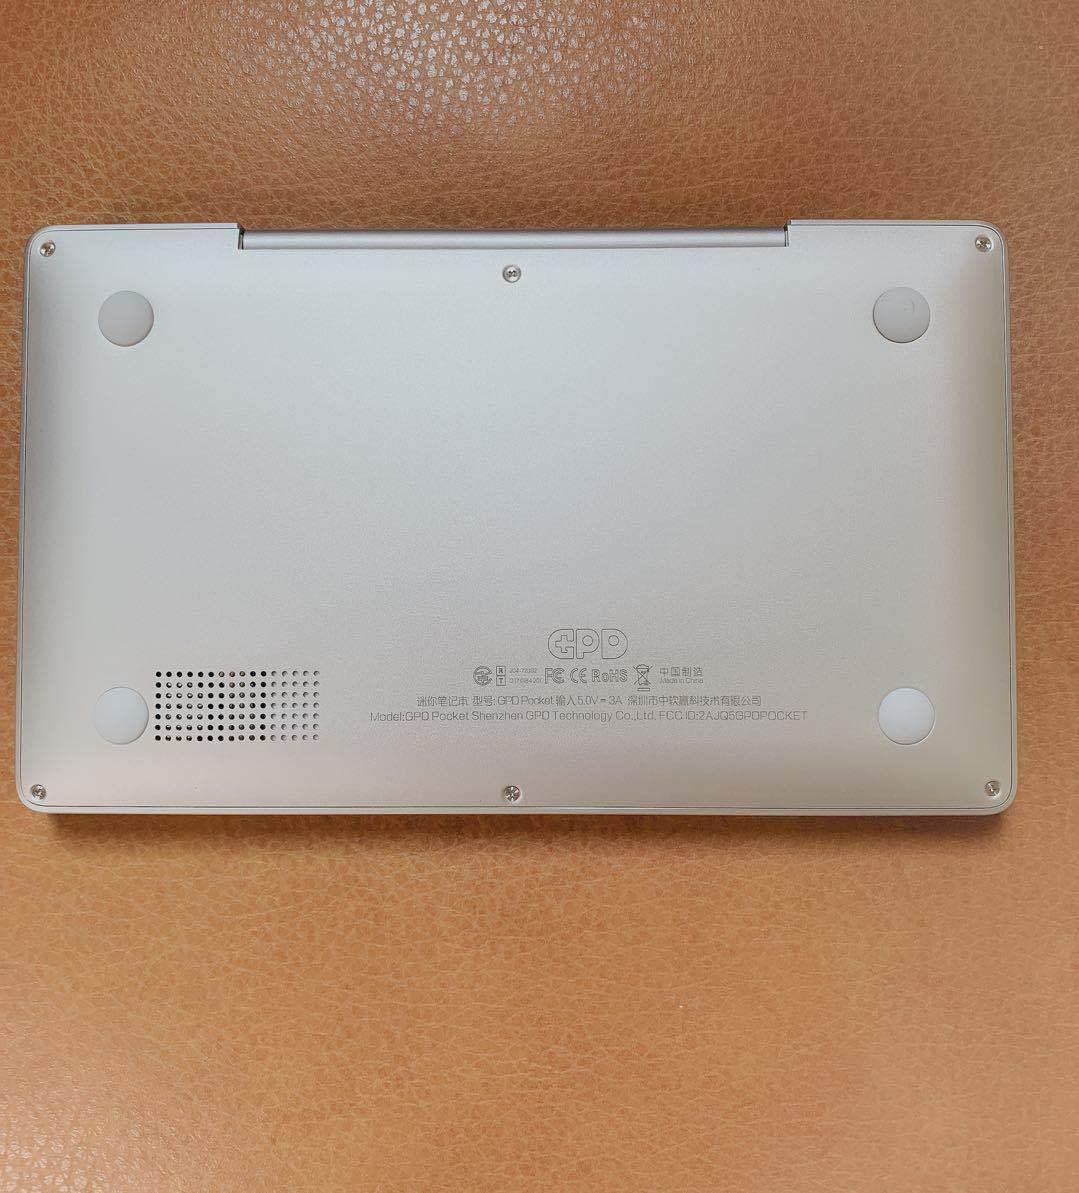 新品同様 GPD Pocket _画像2